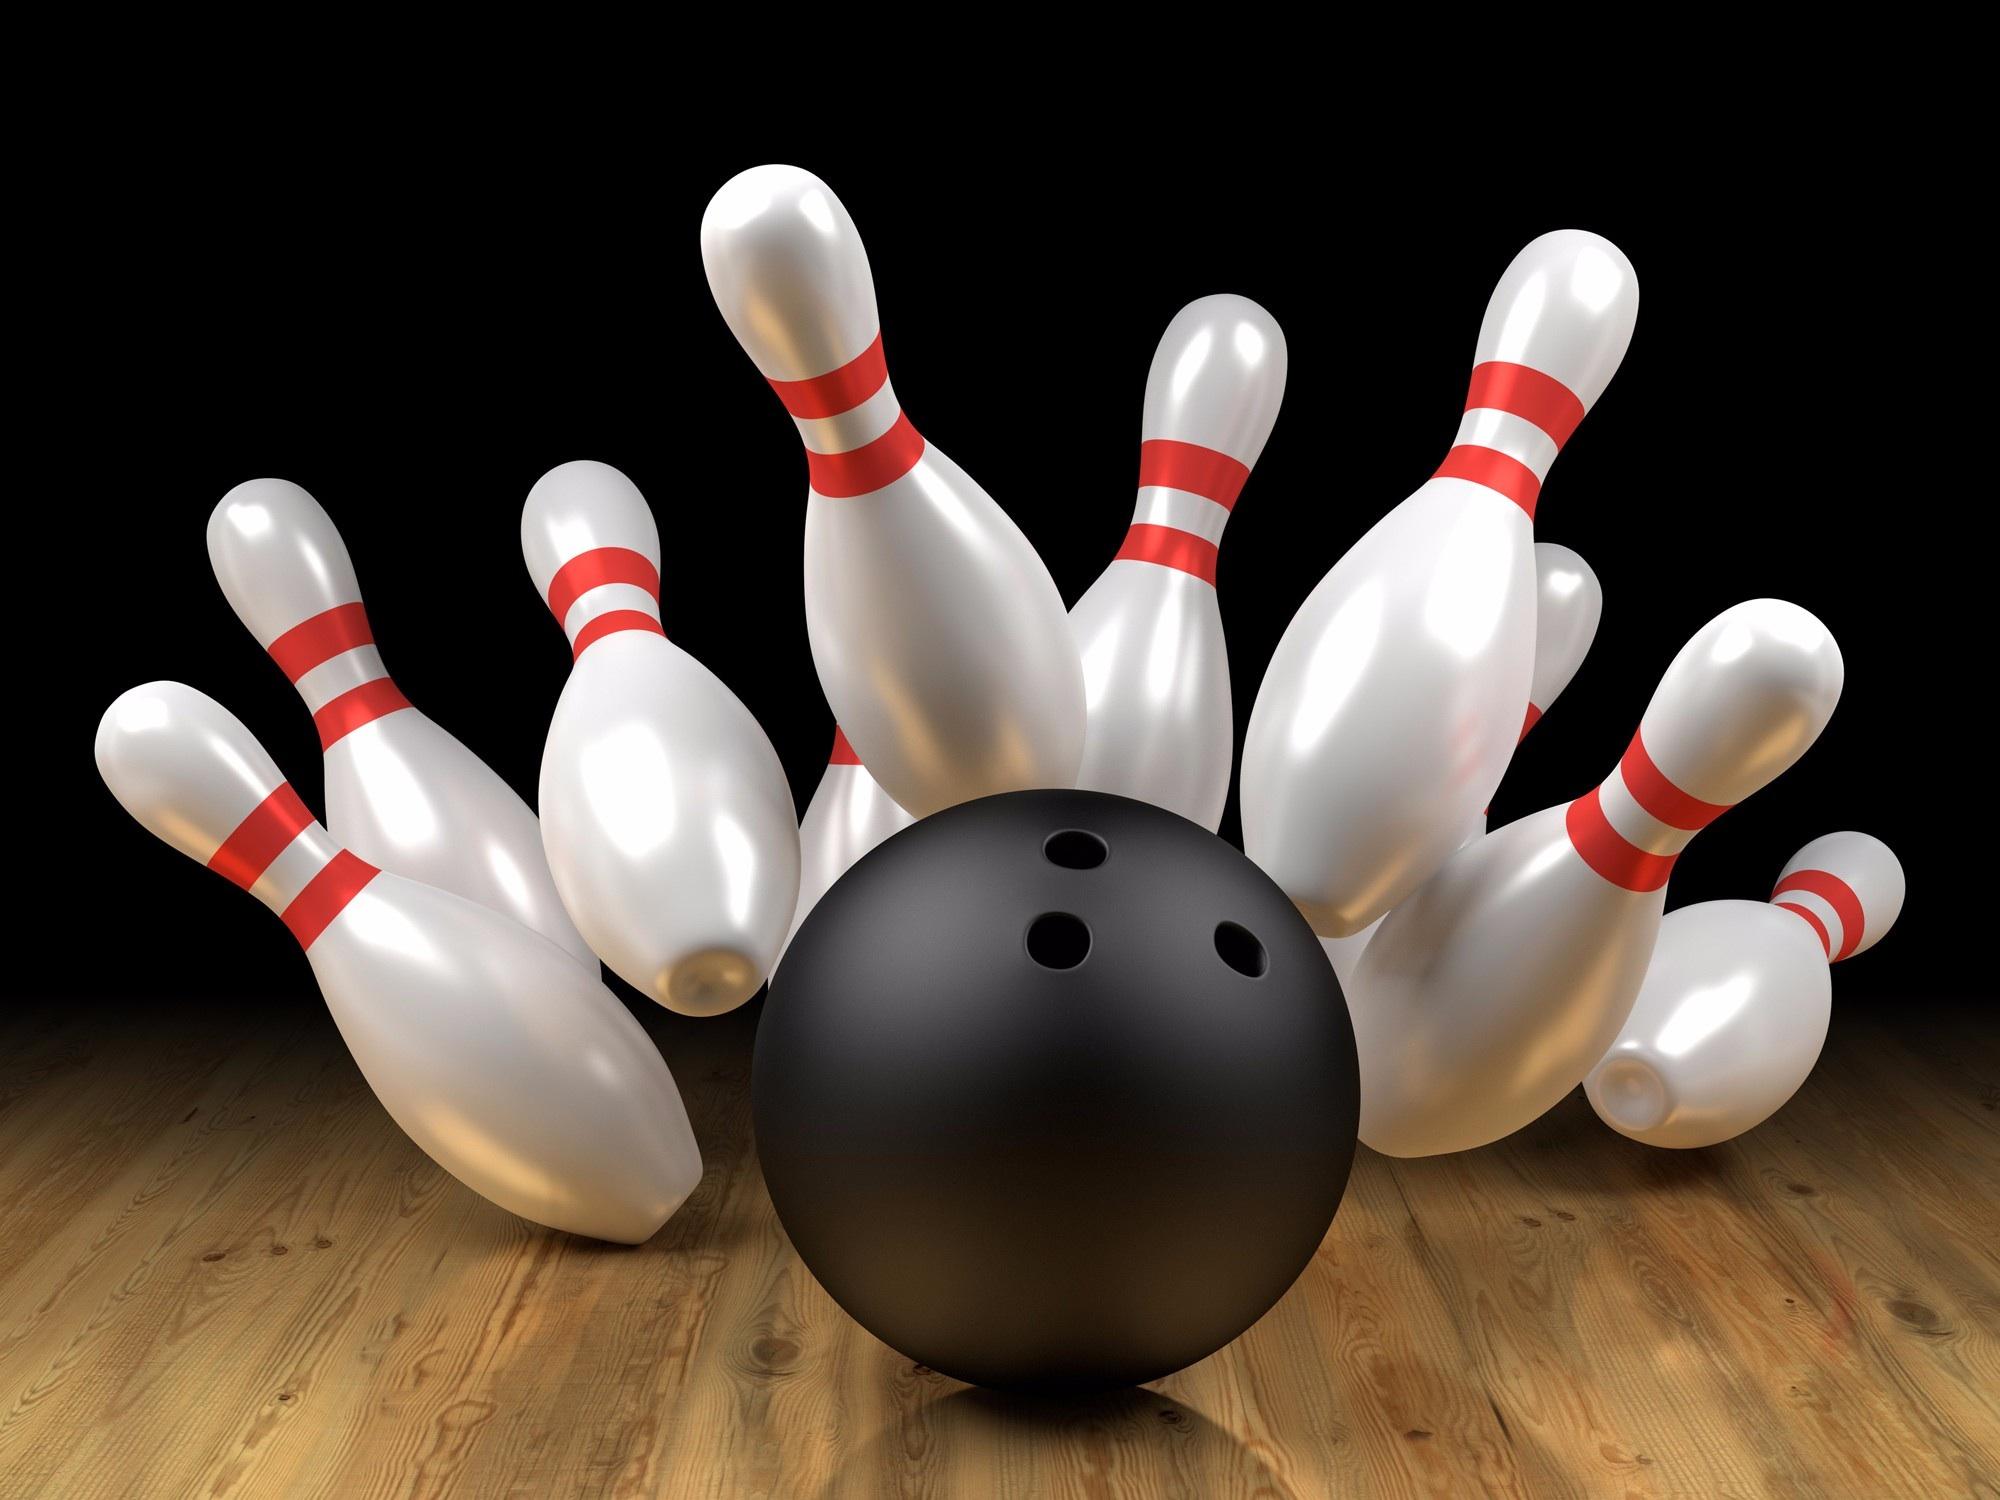 bowling pins image